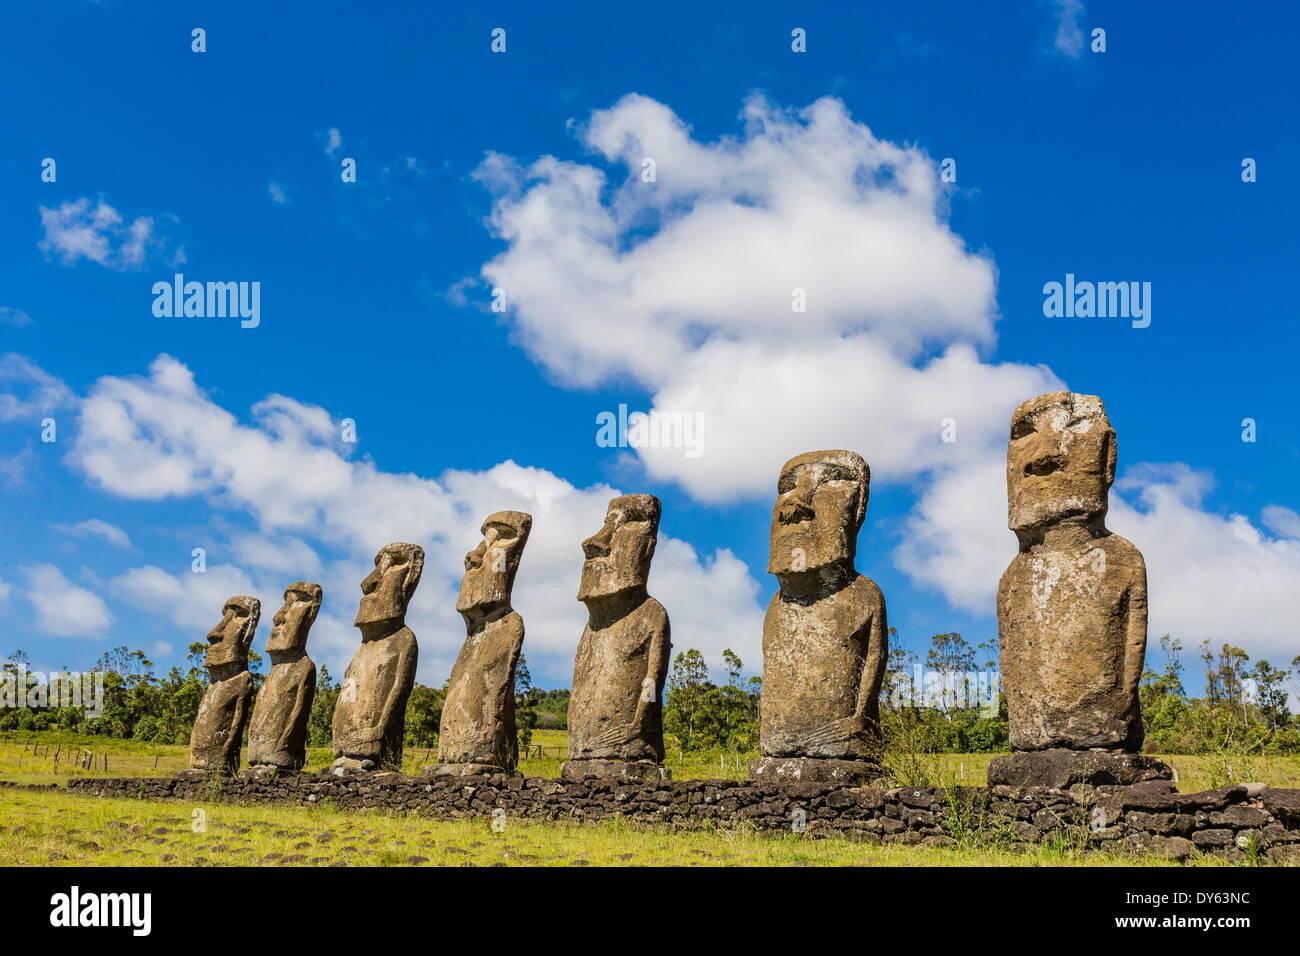 Sept Moai à Ahu Akivi, le premier autel restauré sur l'île de Pâques (Isla de Pascua) (Rapa nui), site de l'UNESCO, le Chili Photo Stock